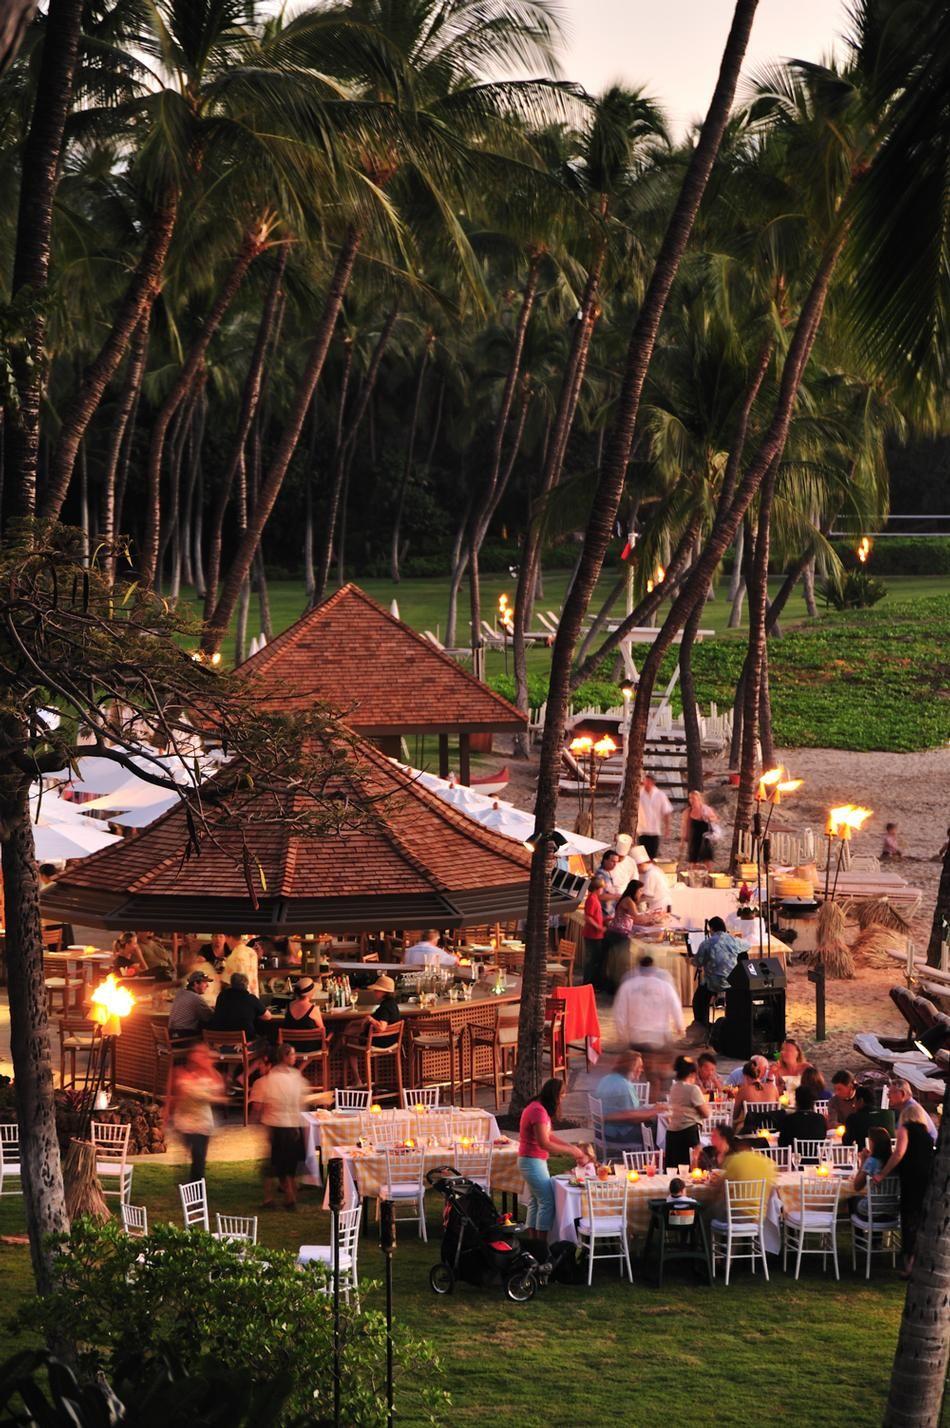 Beach party at Mauna Kea, Hawaii | Hawaii | Pinterest | Hawaii ...